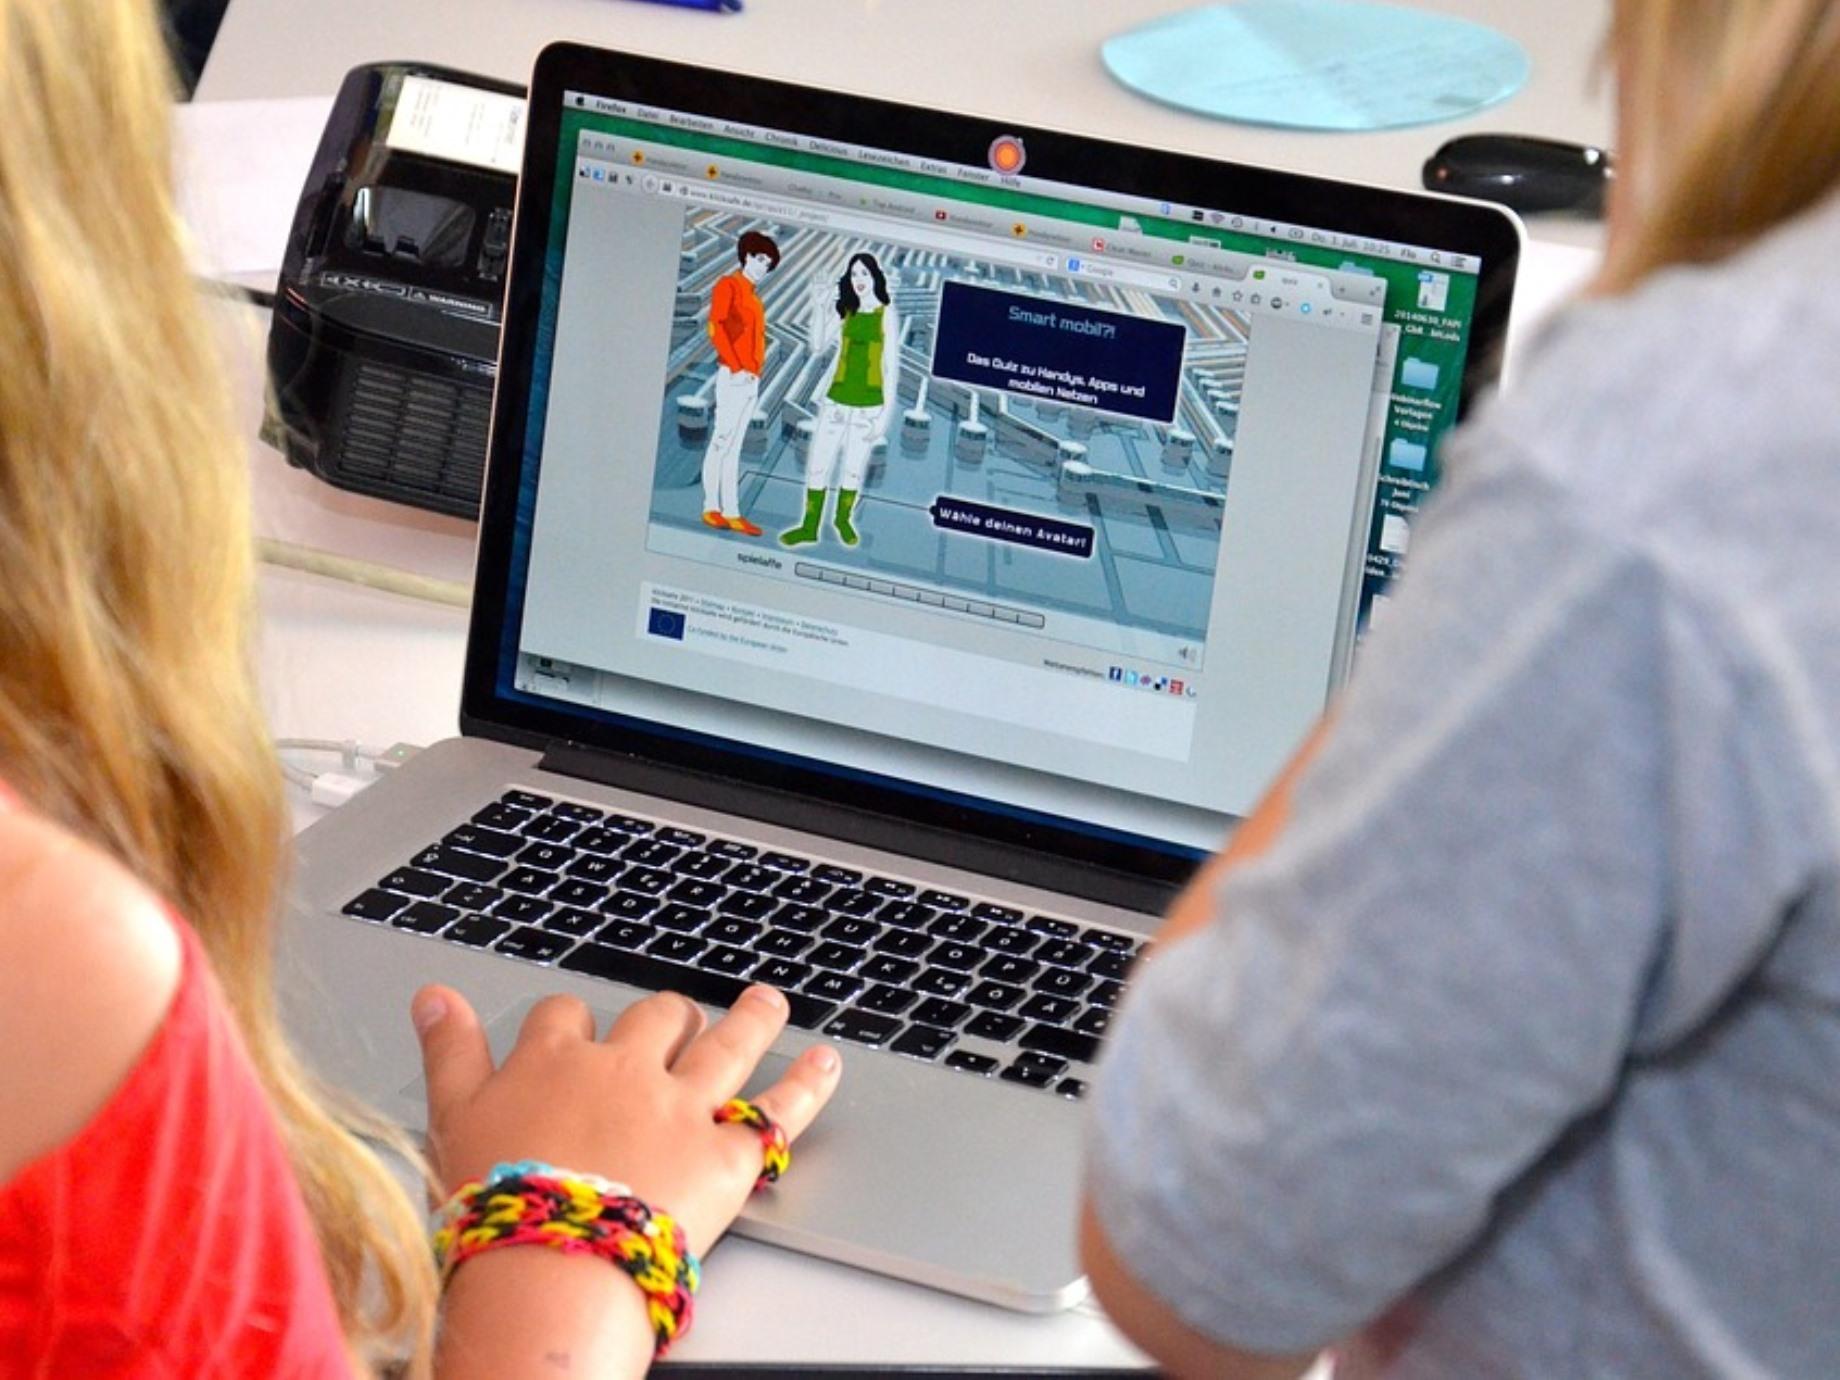 品牌必知導購趨勢,3個案例了解「購物式媒體」